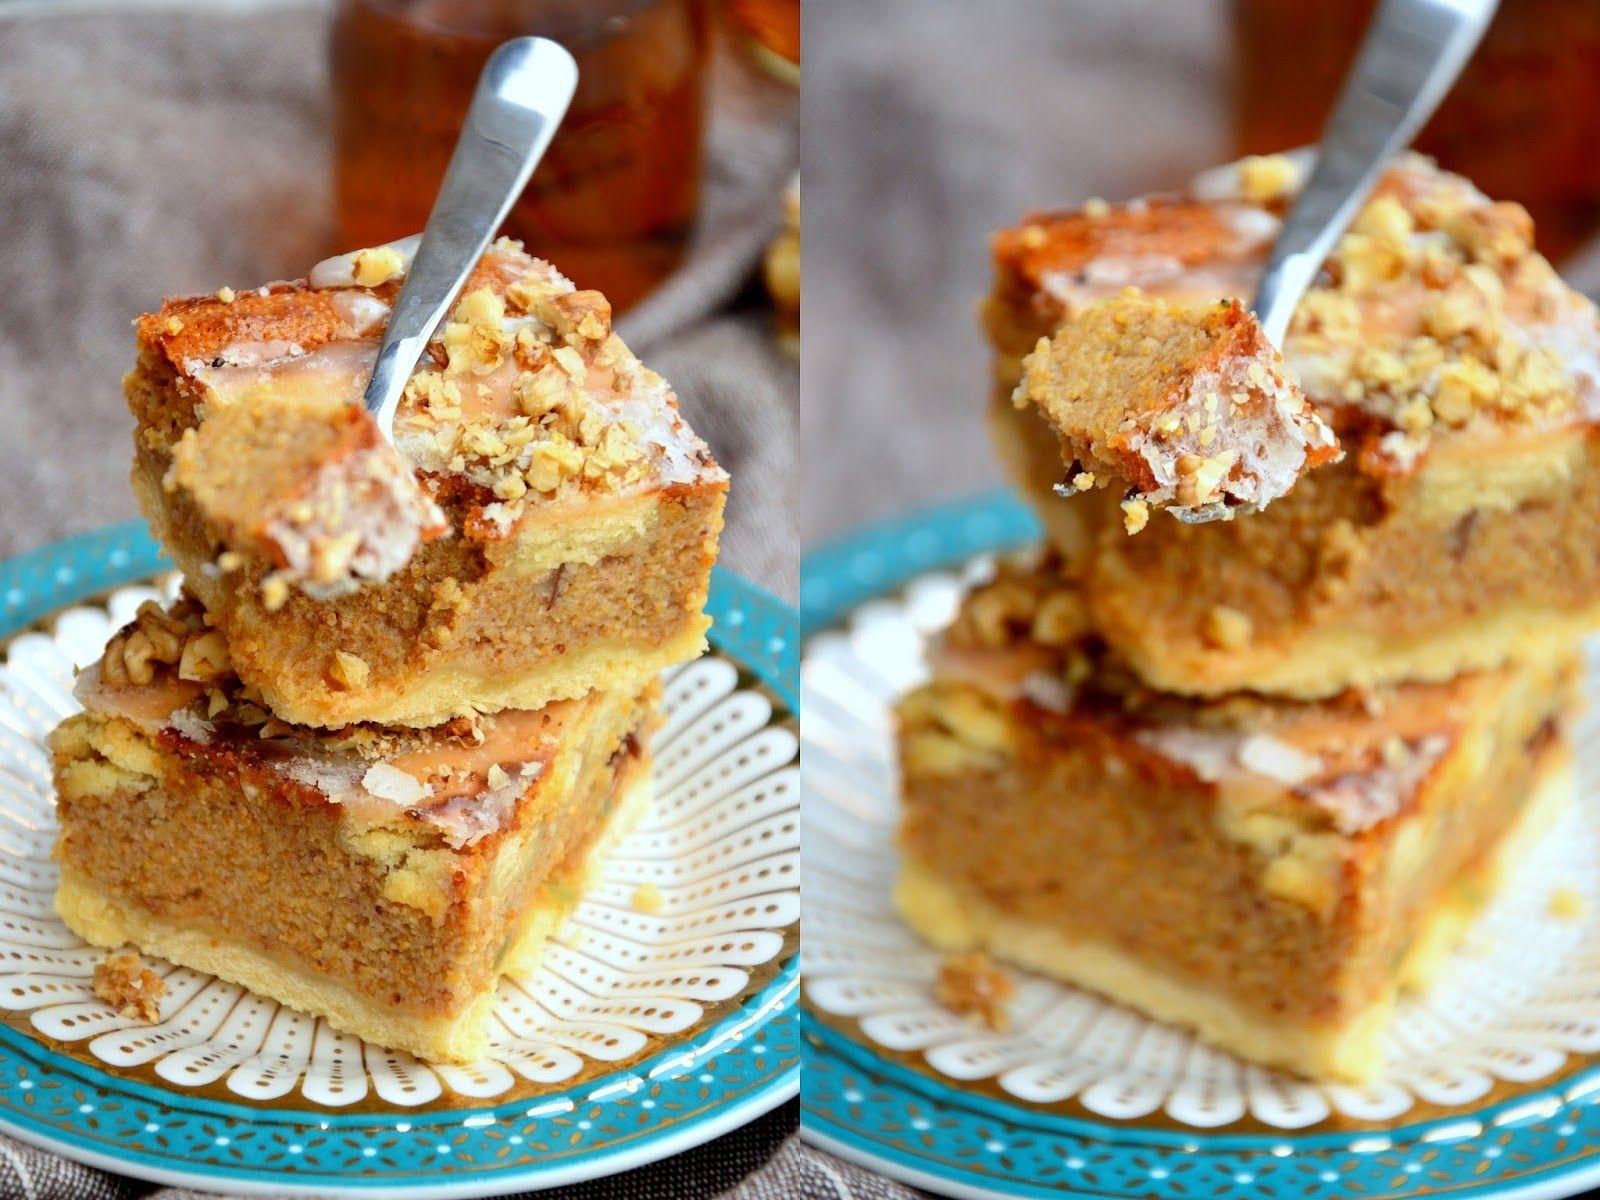 Ciasto, które jest totalnym eksperymentem. Z okazji 11 listopada w Wielkopolsce zjada się całe tony rogali Świętomarcińskich. W ubie...